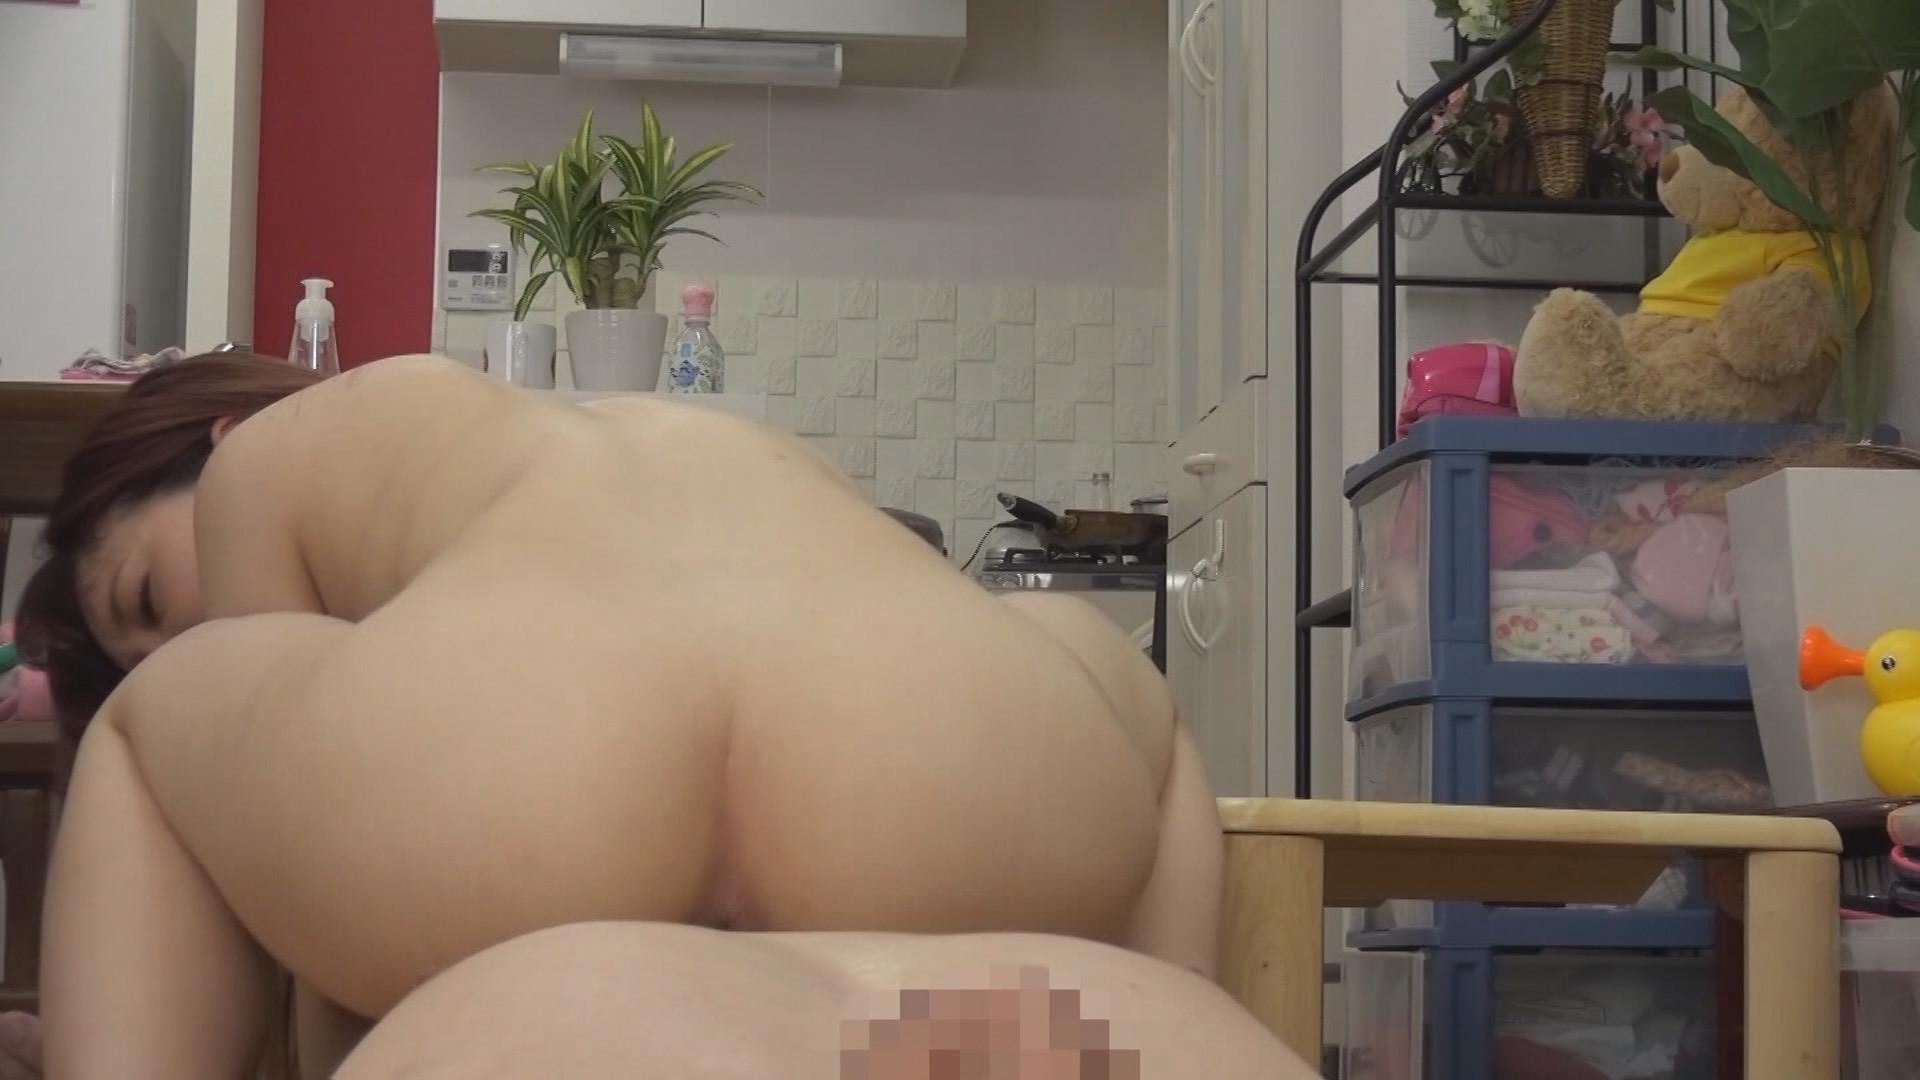 (秘)隠し撮り映像流出!! 同じマンションのママ友を連れ込んで絶対内緒の不倫SEX 7 画像2